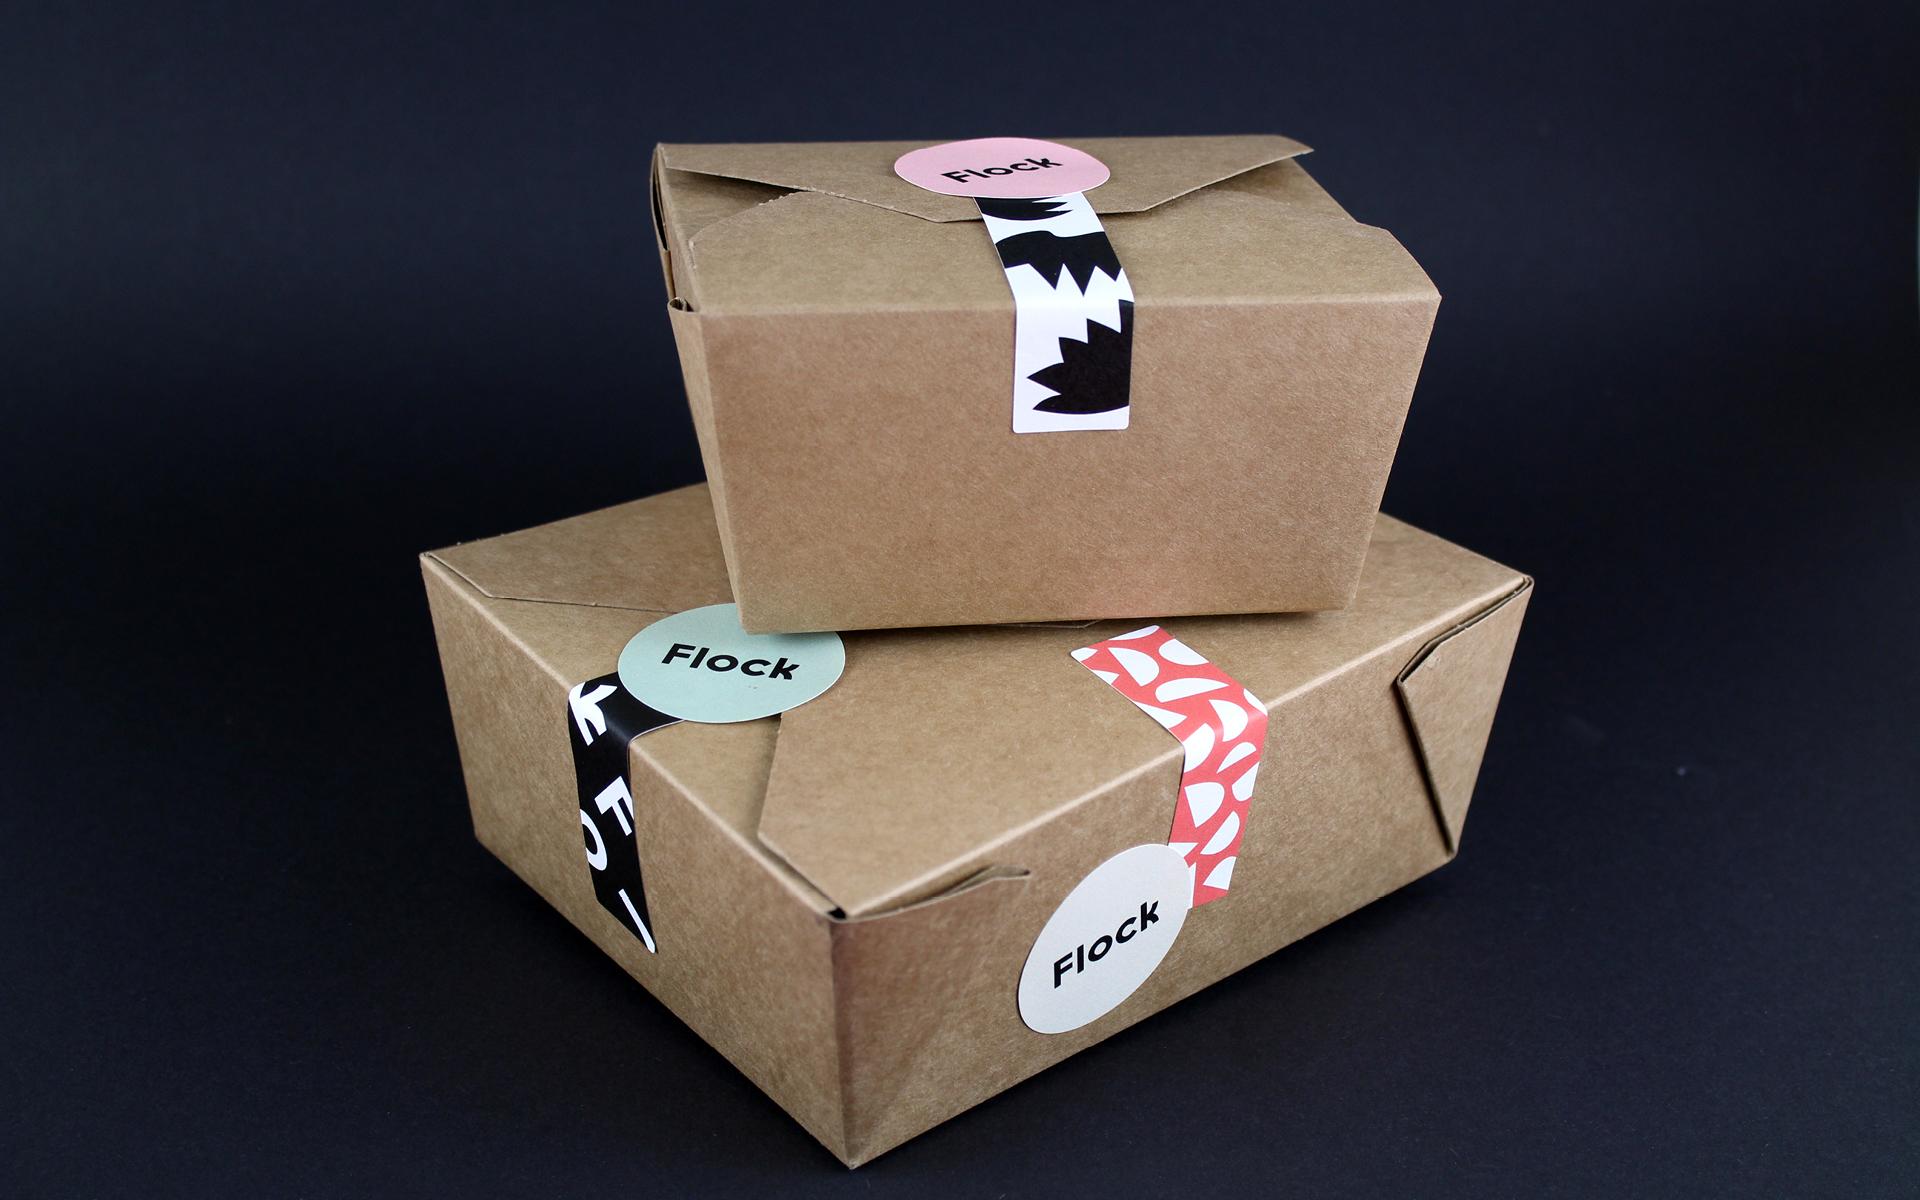 Flock branded packaging